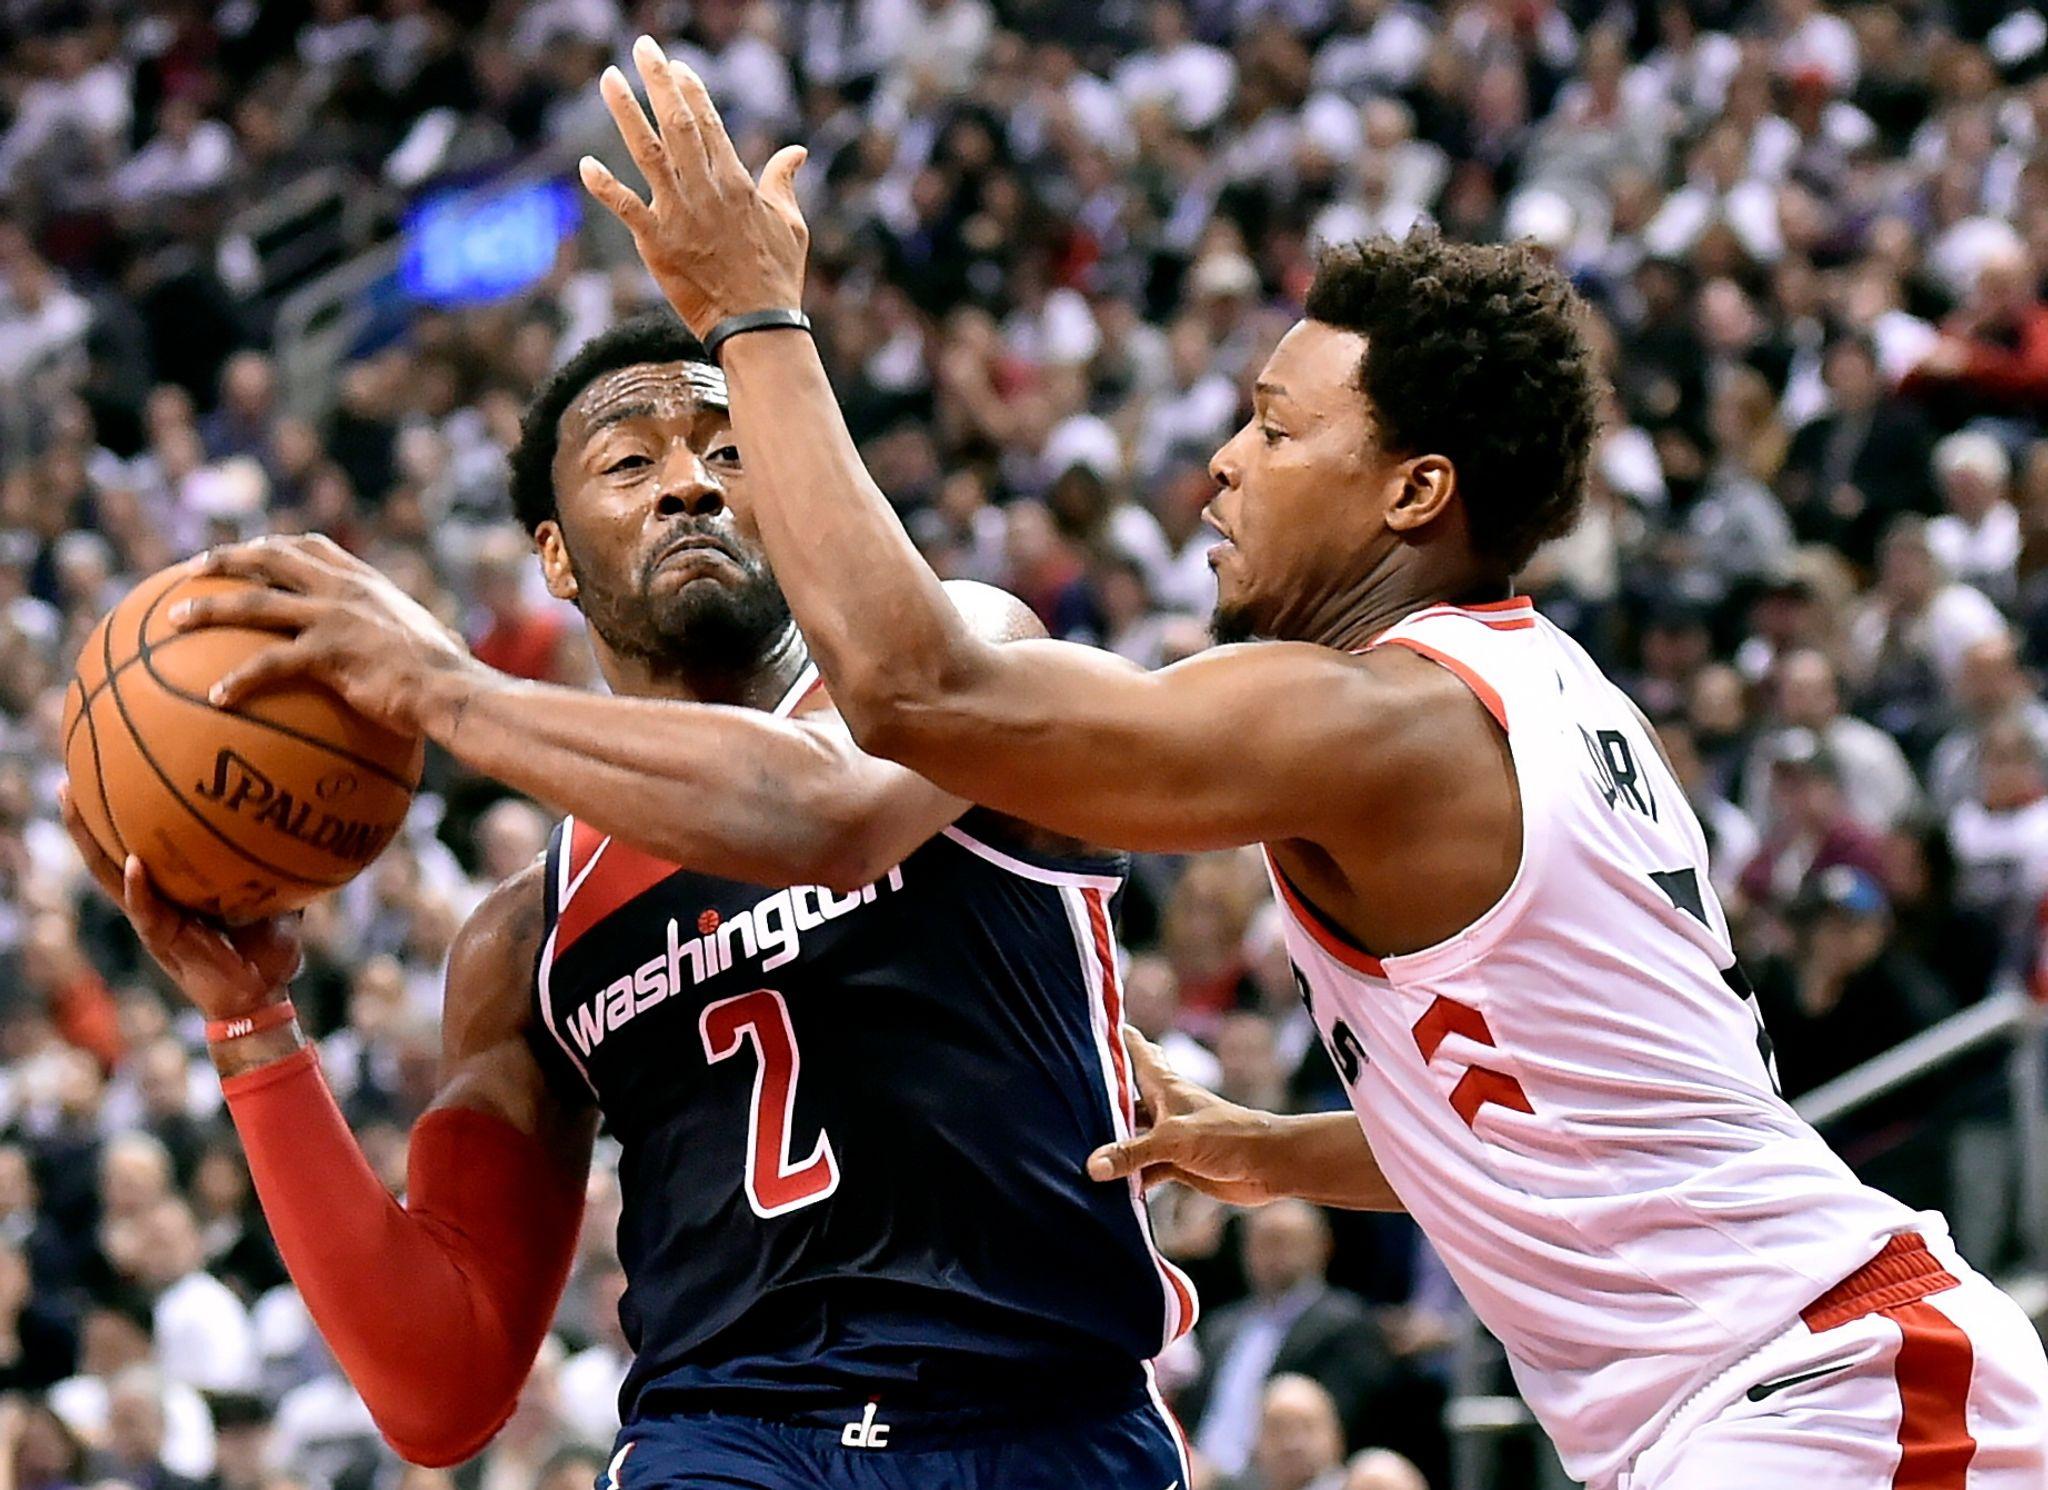 Wizards_raptors_basketball_37794.jpg-726d7_s2048x1490